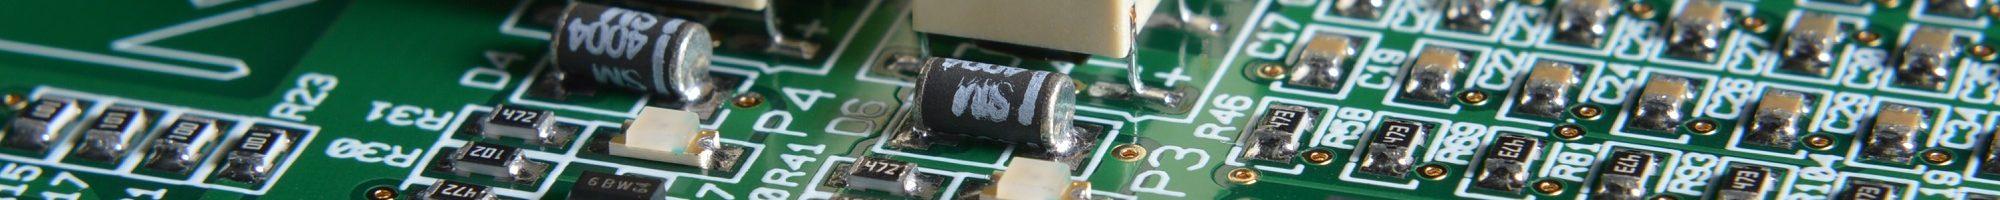 sous-traitant câblage cartes électroniques